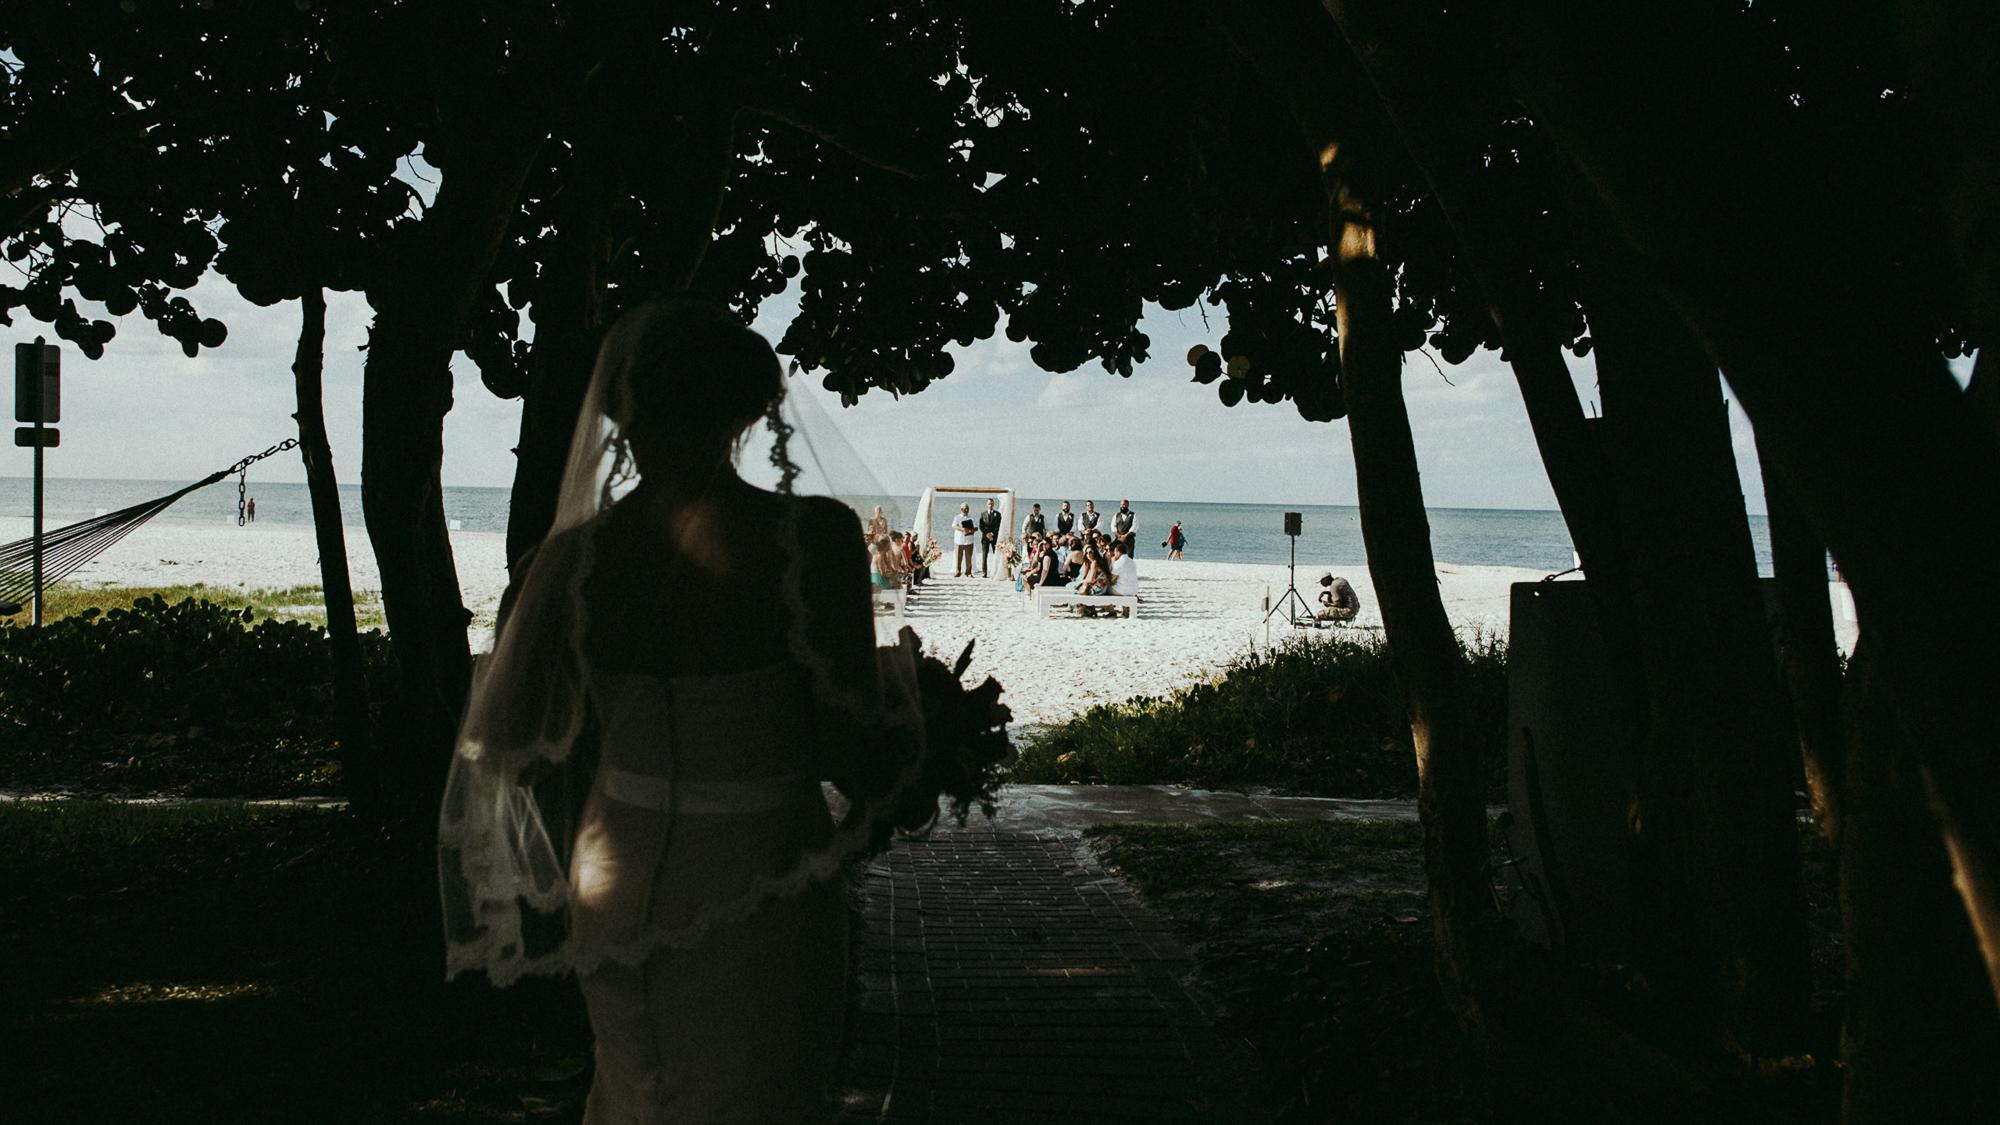 gian-carlo-photography-weddings-22.jpg